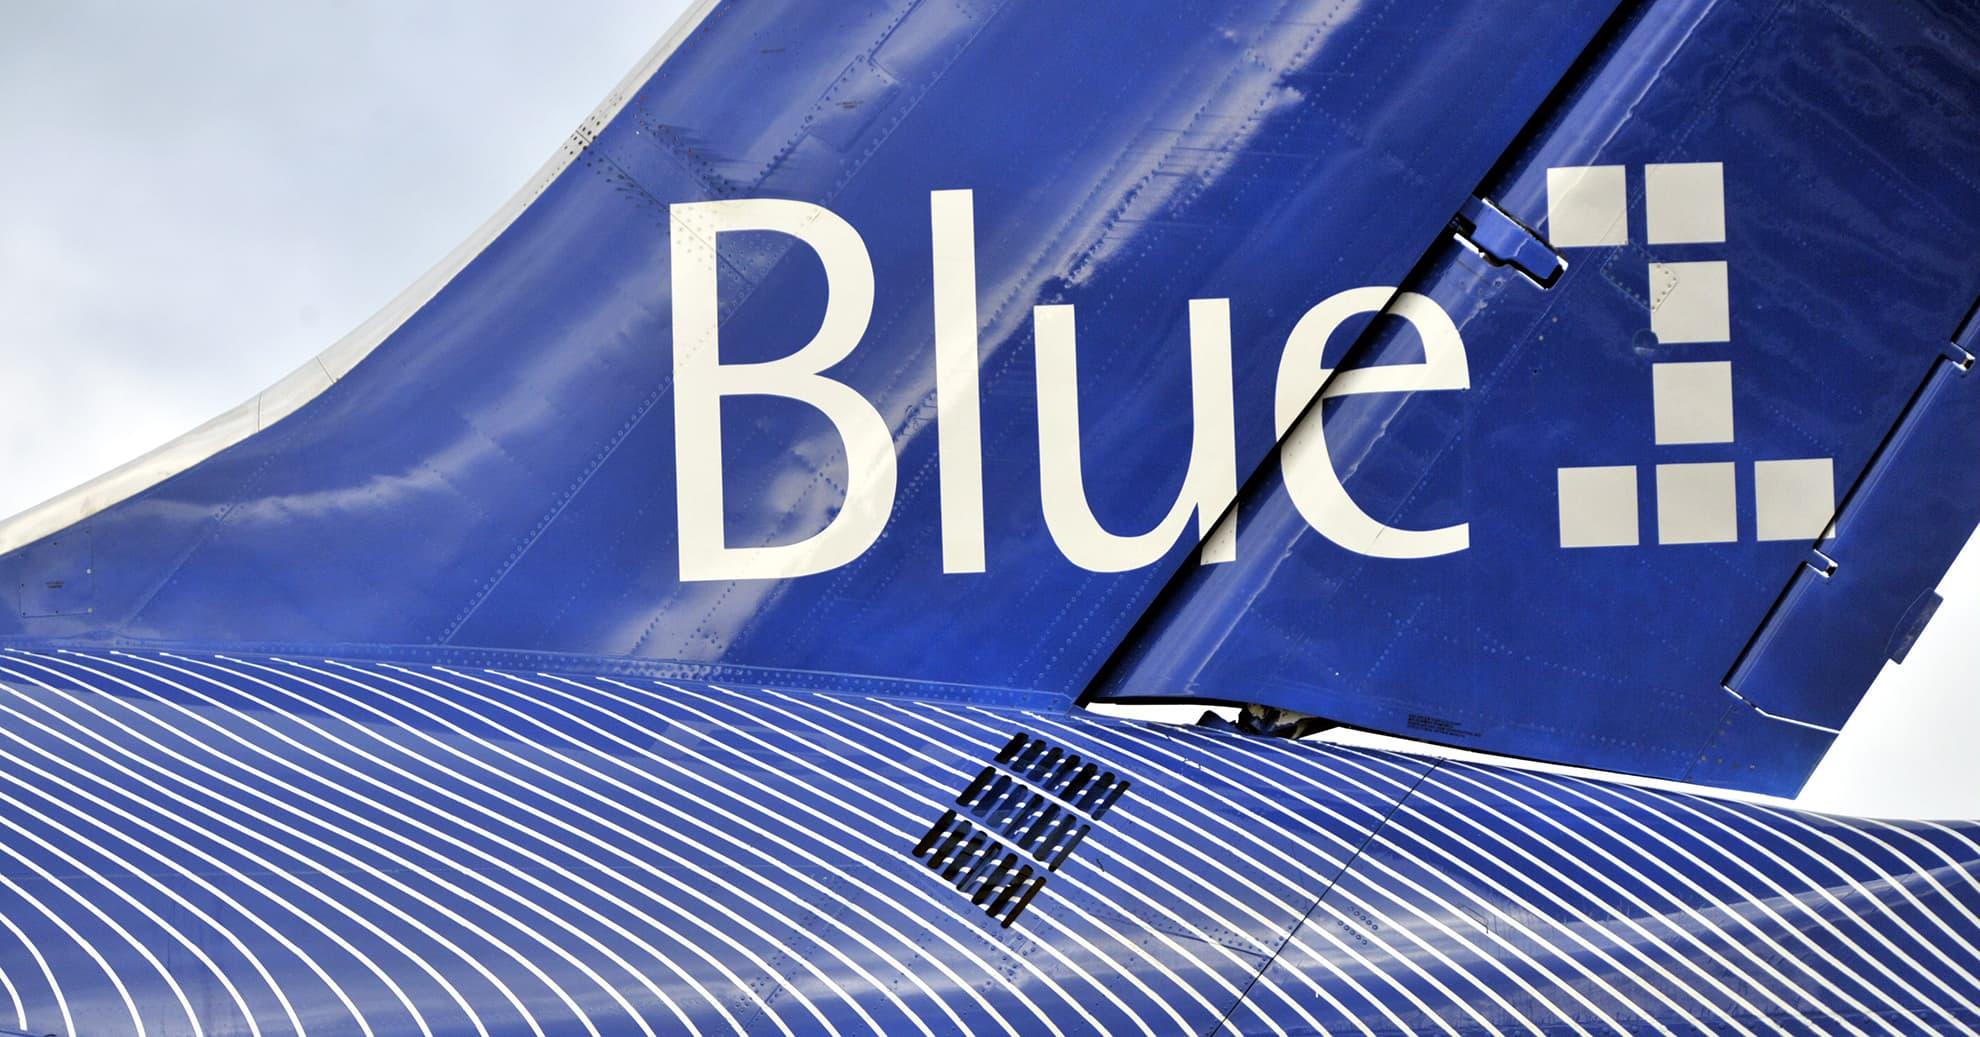 Blue1 matkustajakone Helsinki-Vantaan lentokentällä 27. maaliskuuta 2012.